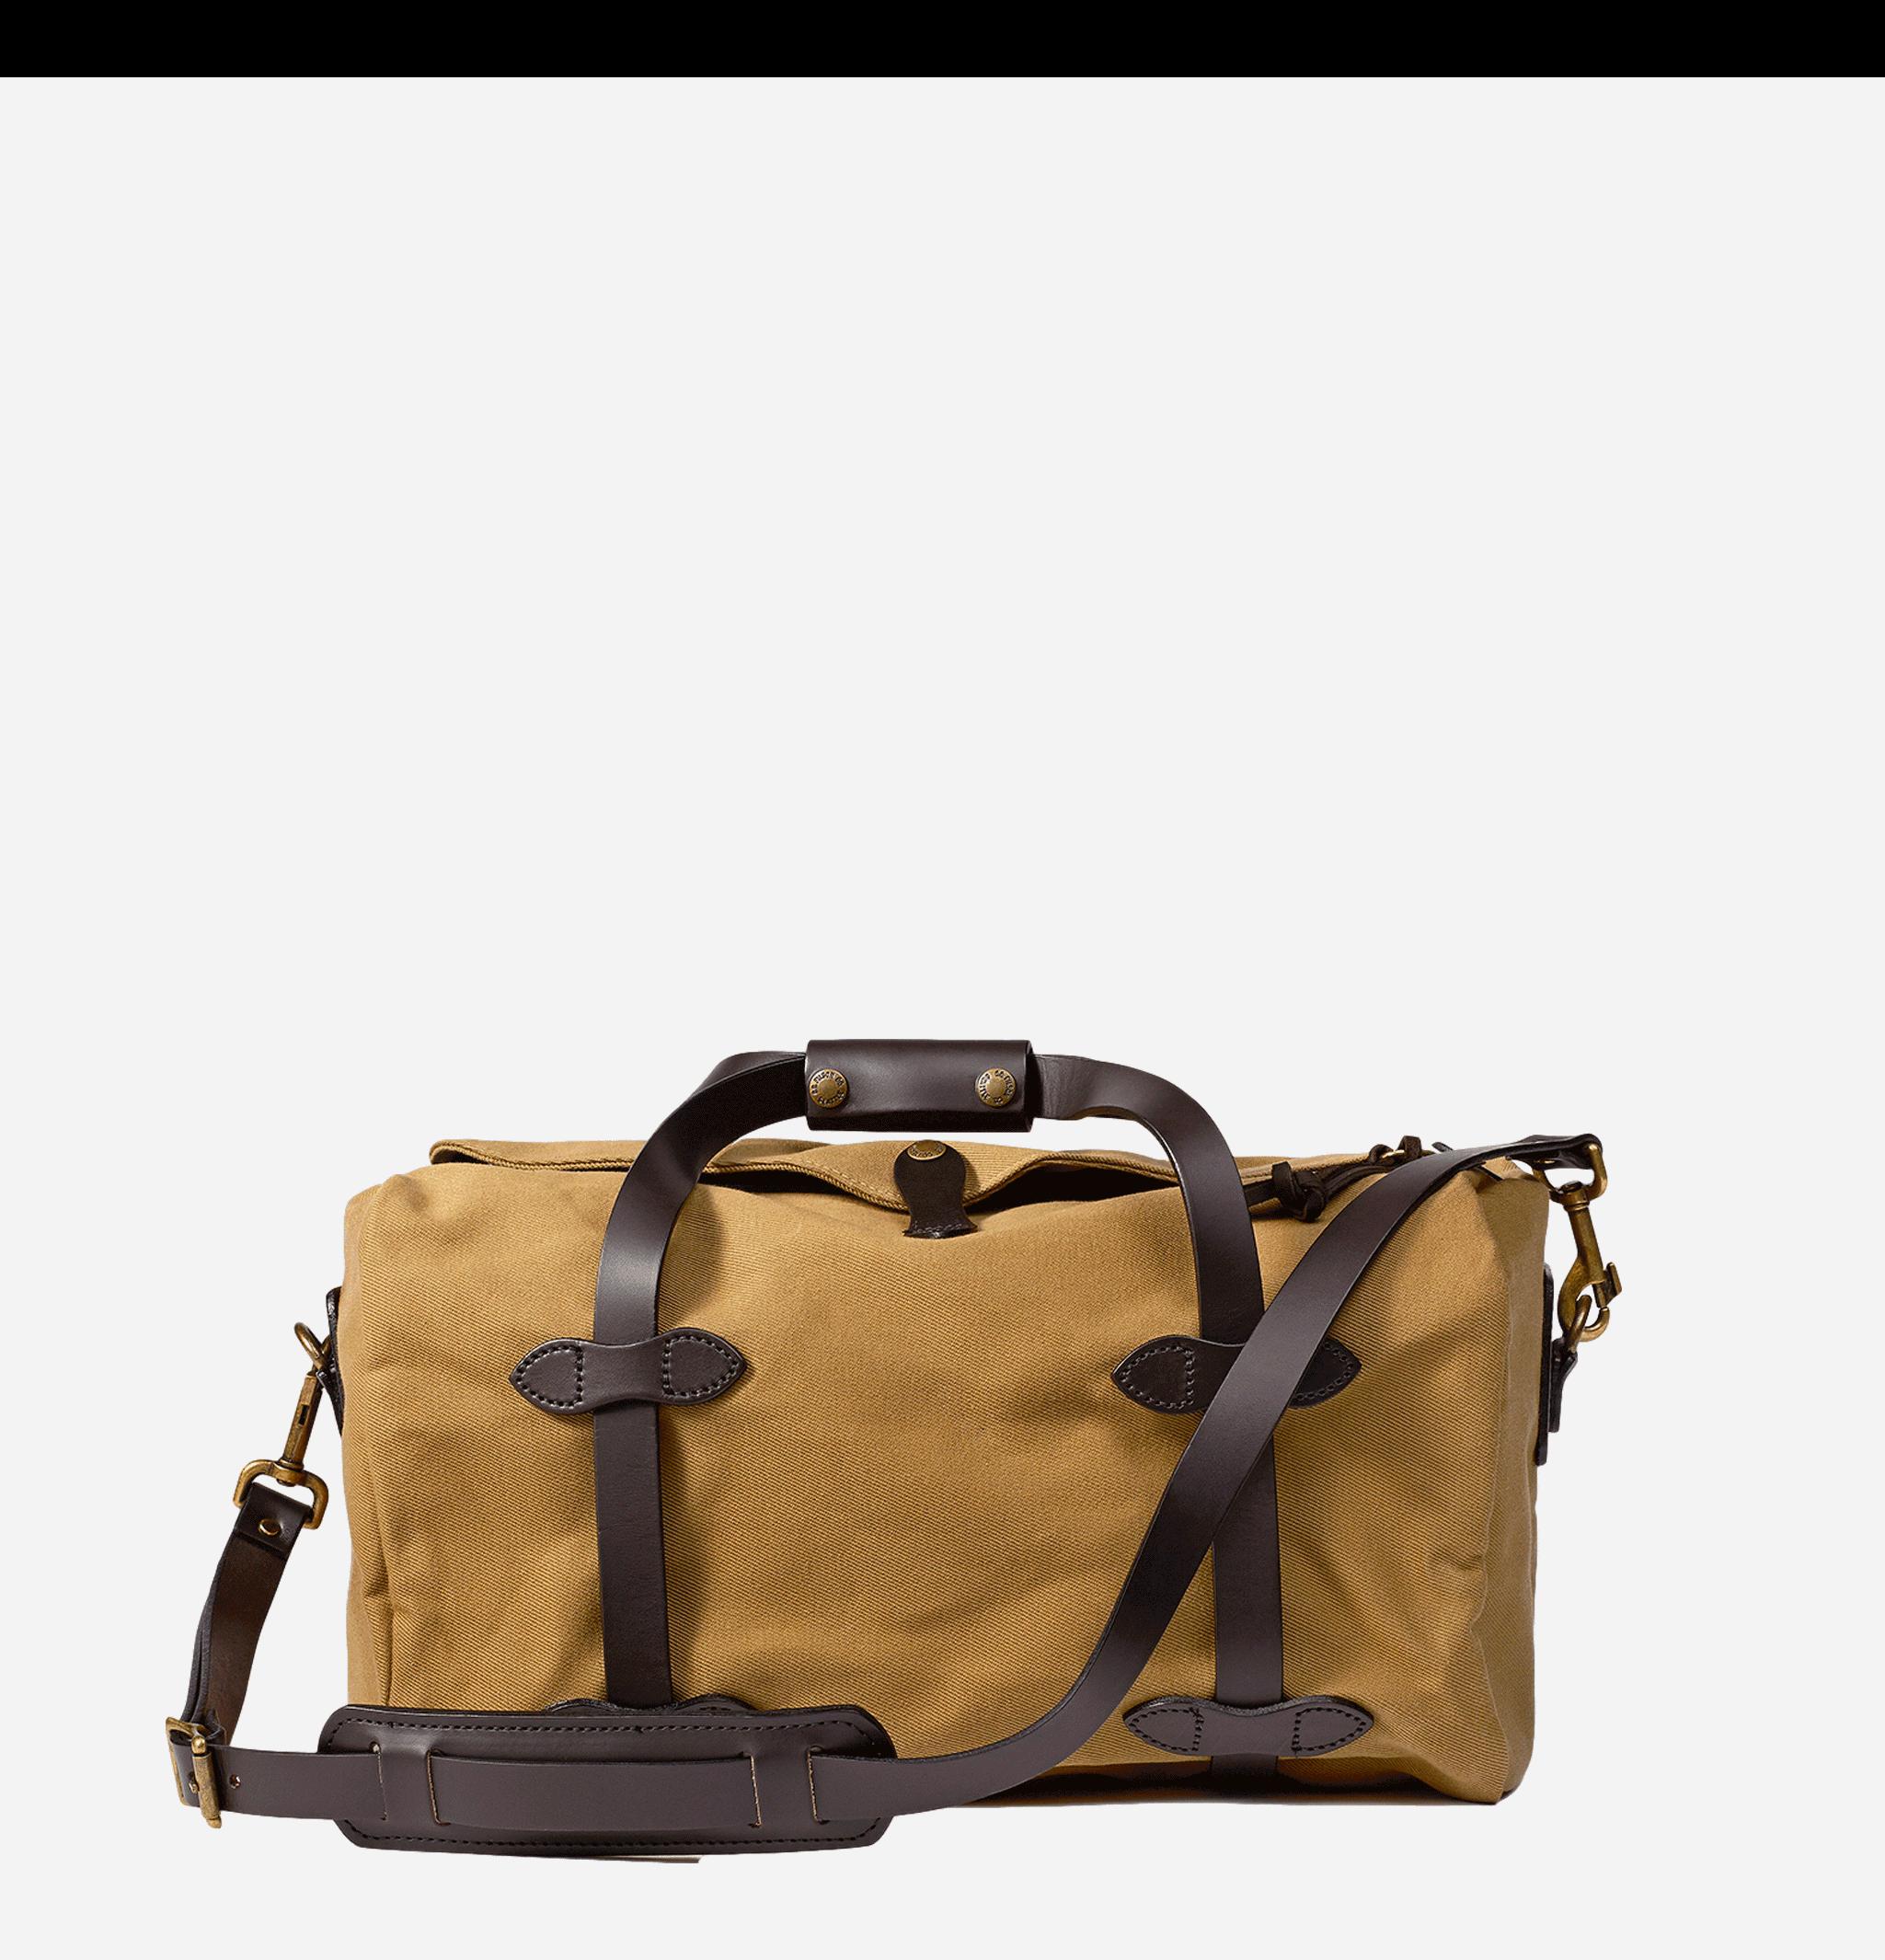 70220 - Small Duffle Bag Tan